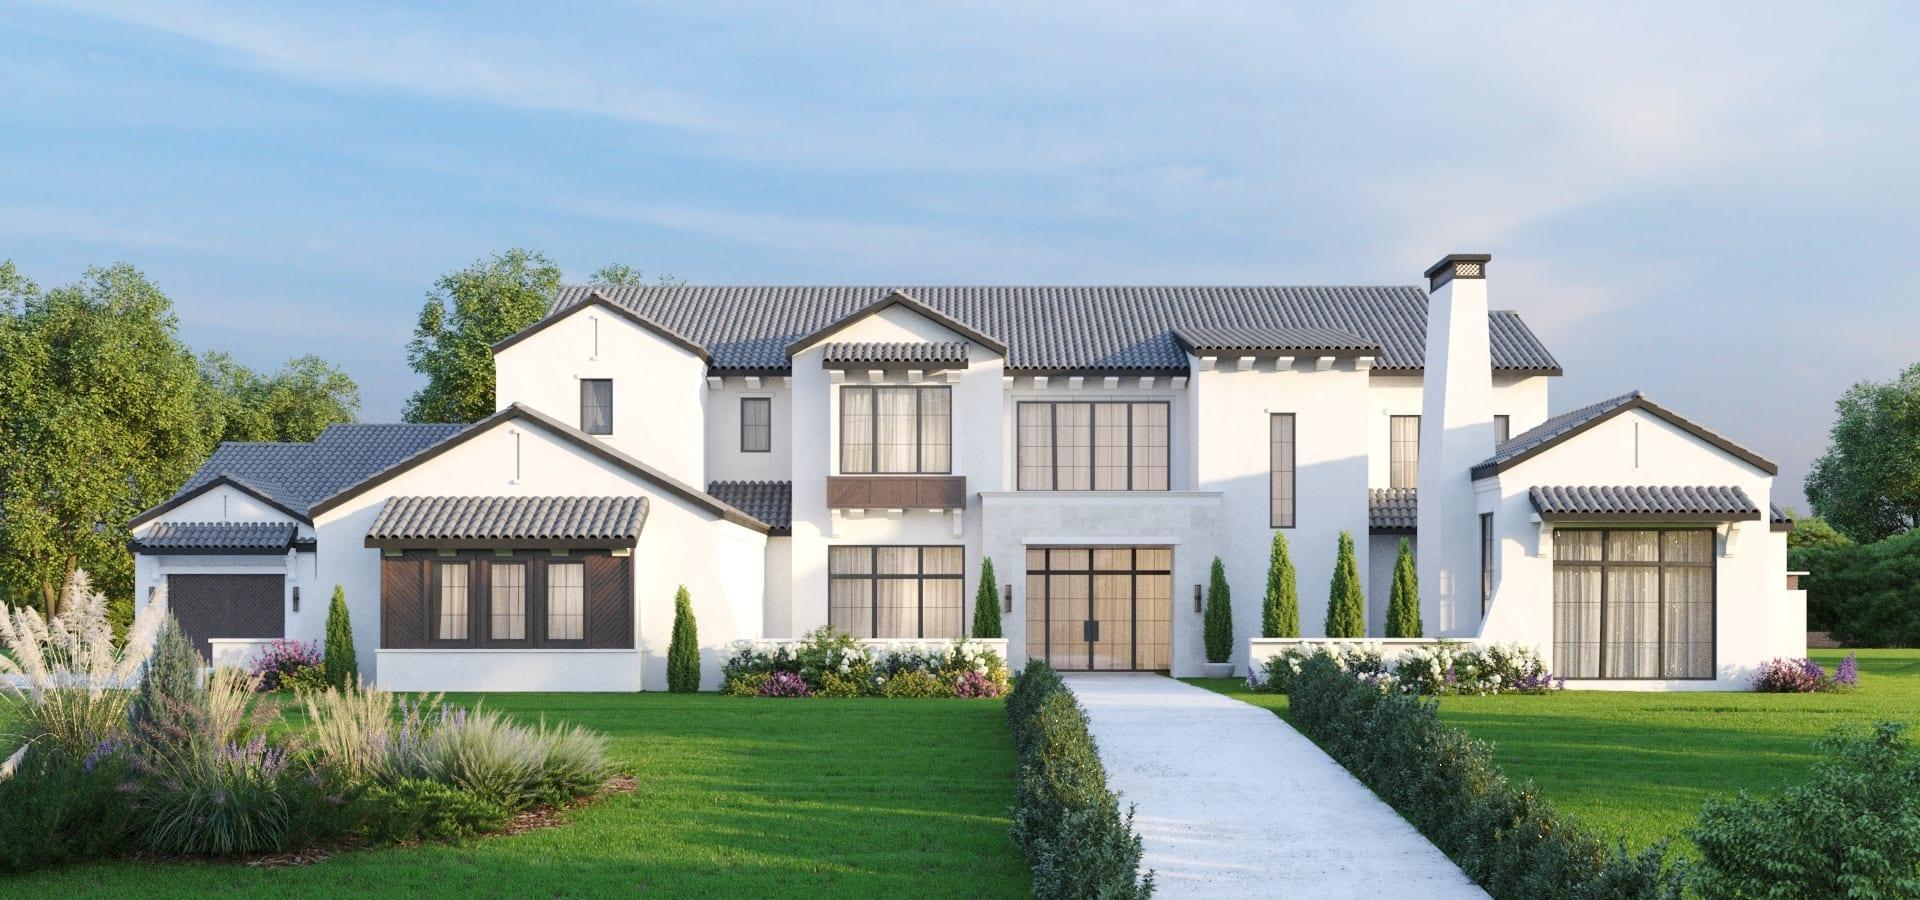 home banner - Millennial Design + Build